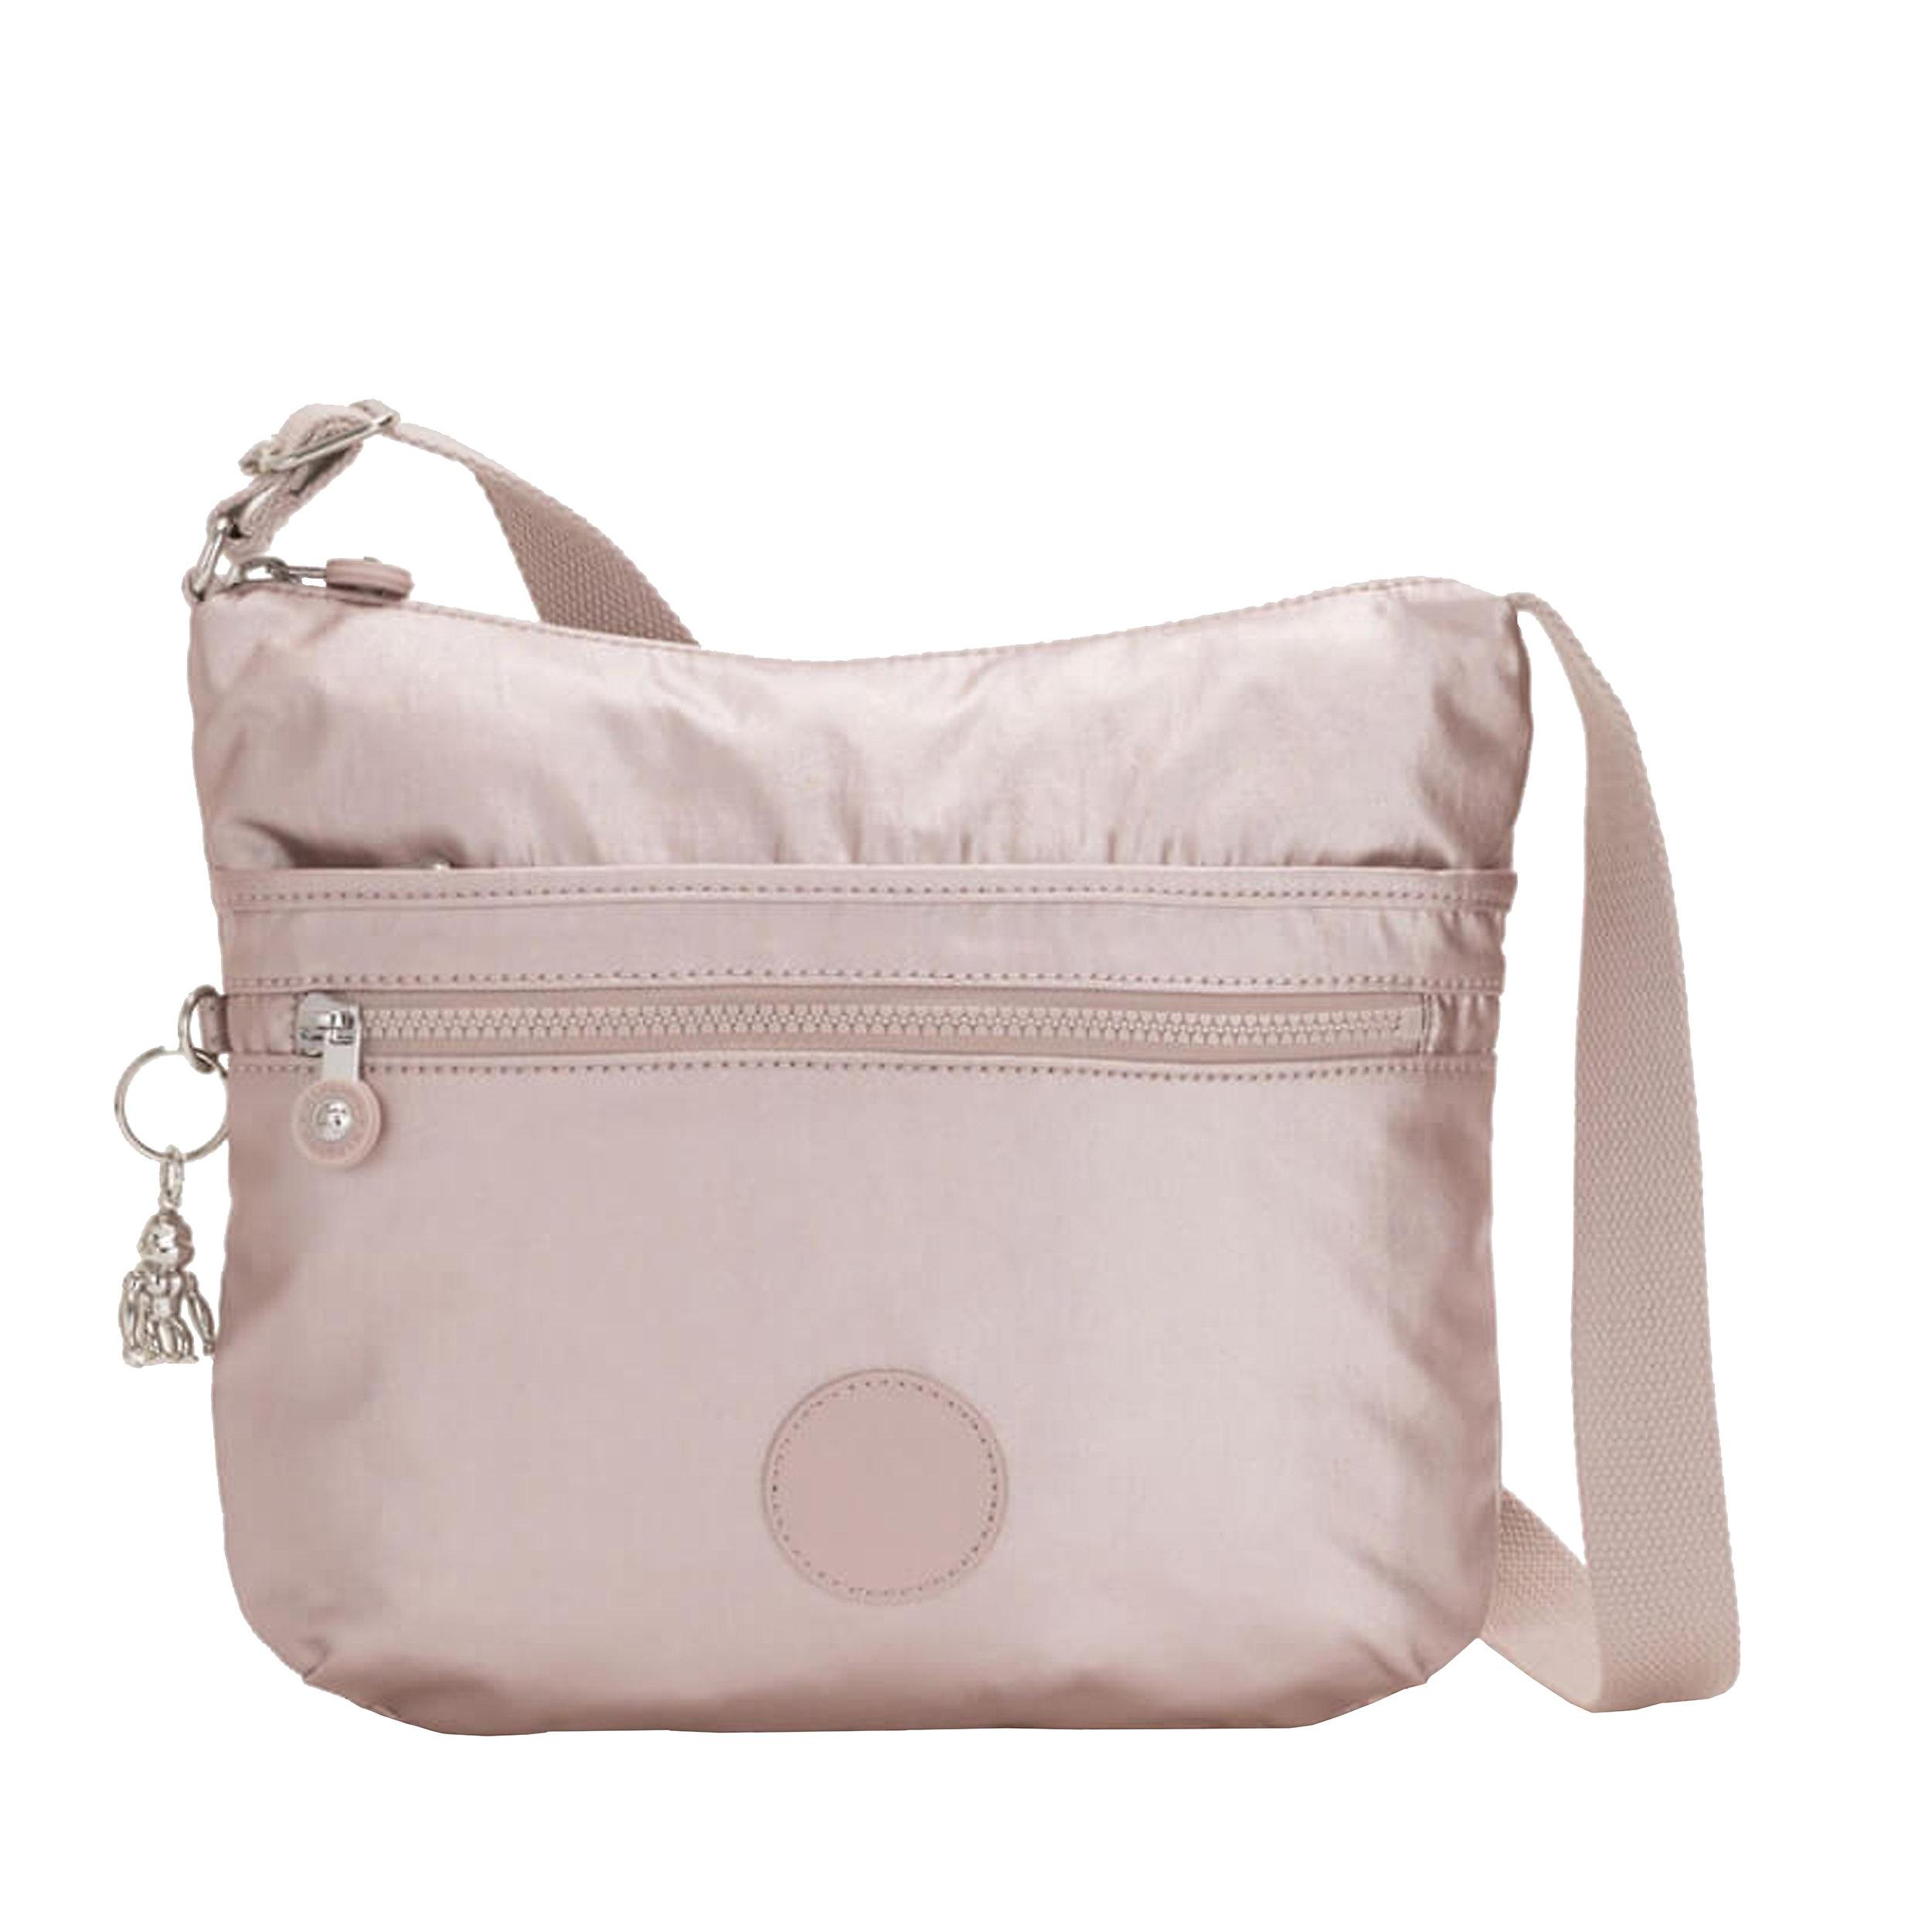 Crossbody Bag Arto 6 Liter